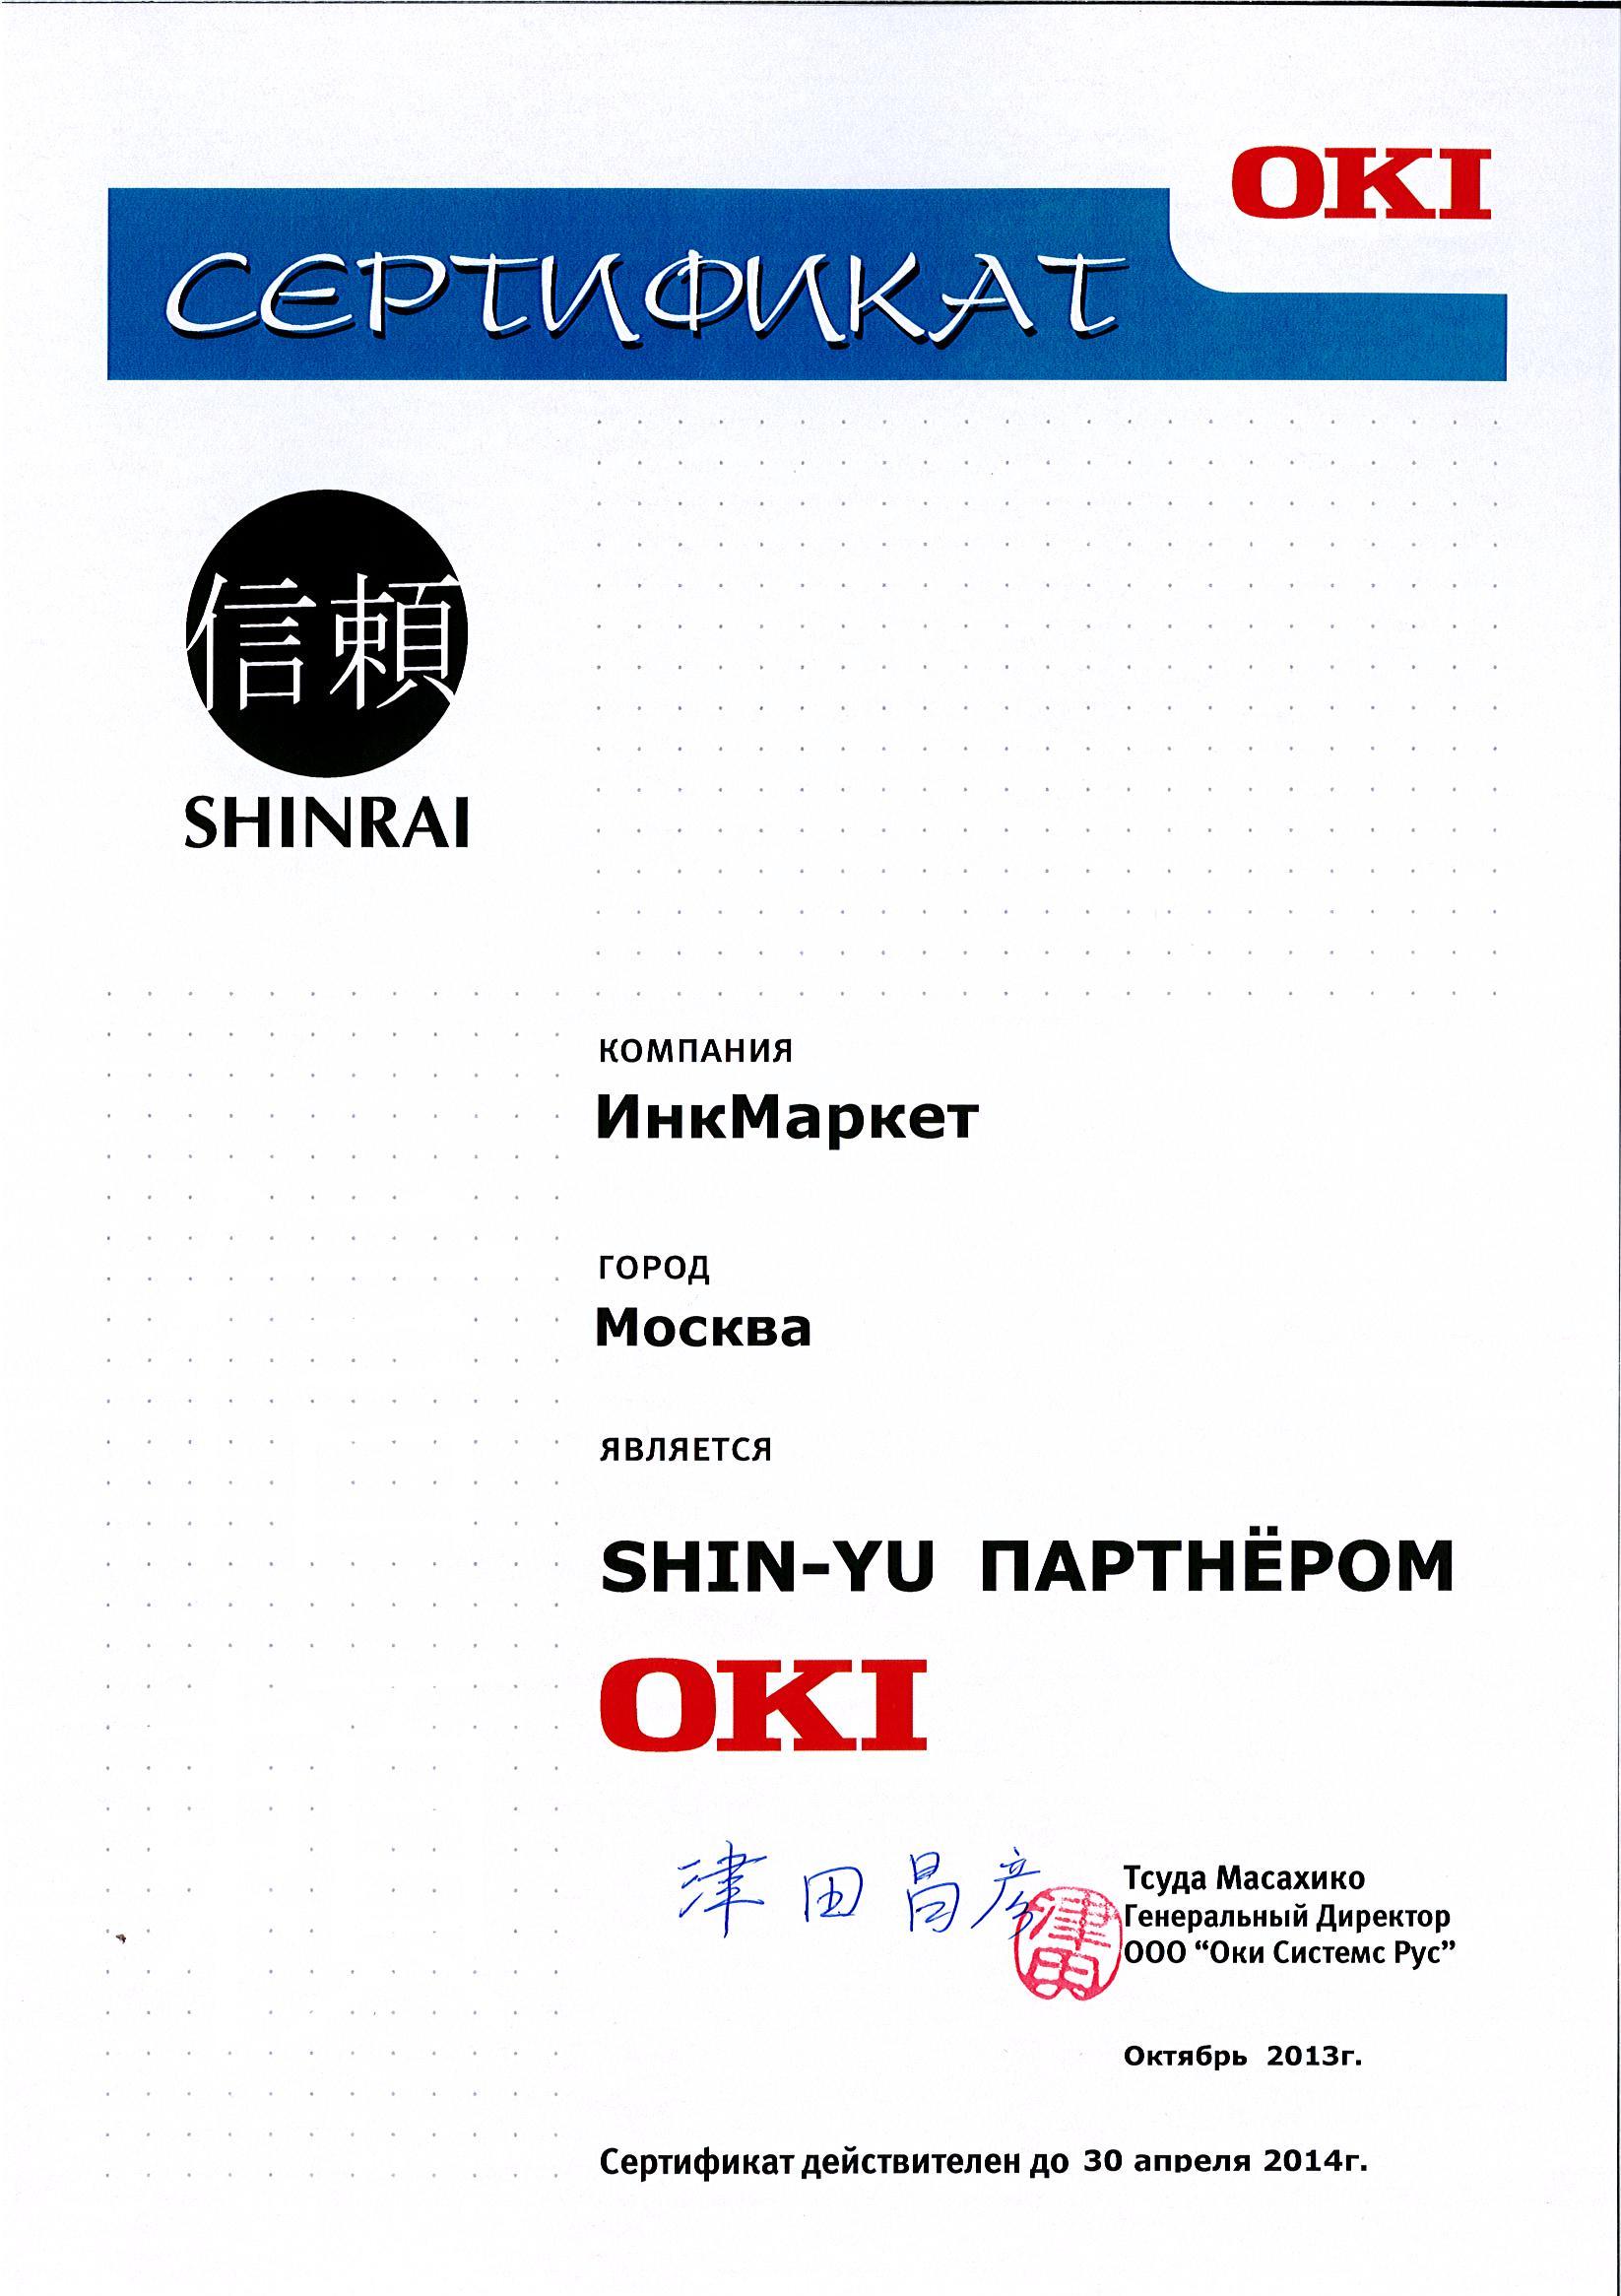 сертификат официального дилера OKI 2013